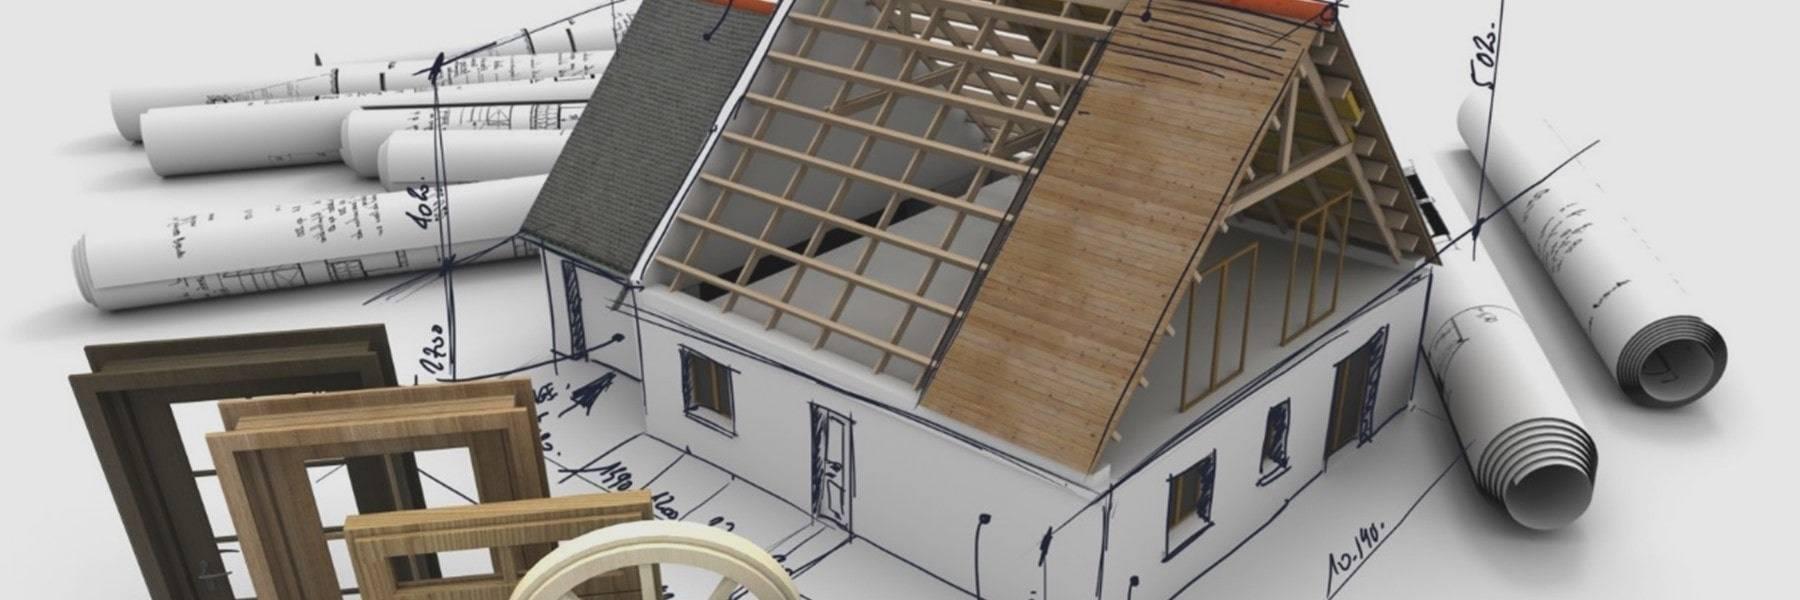 Nieuwbouw woning kopen - HypotheekStore - De HypotheekStore